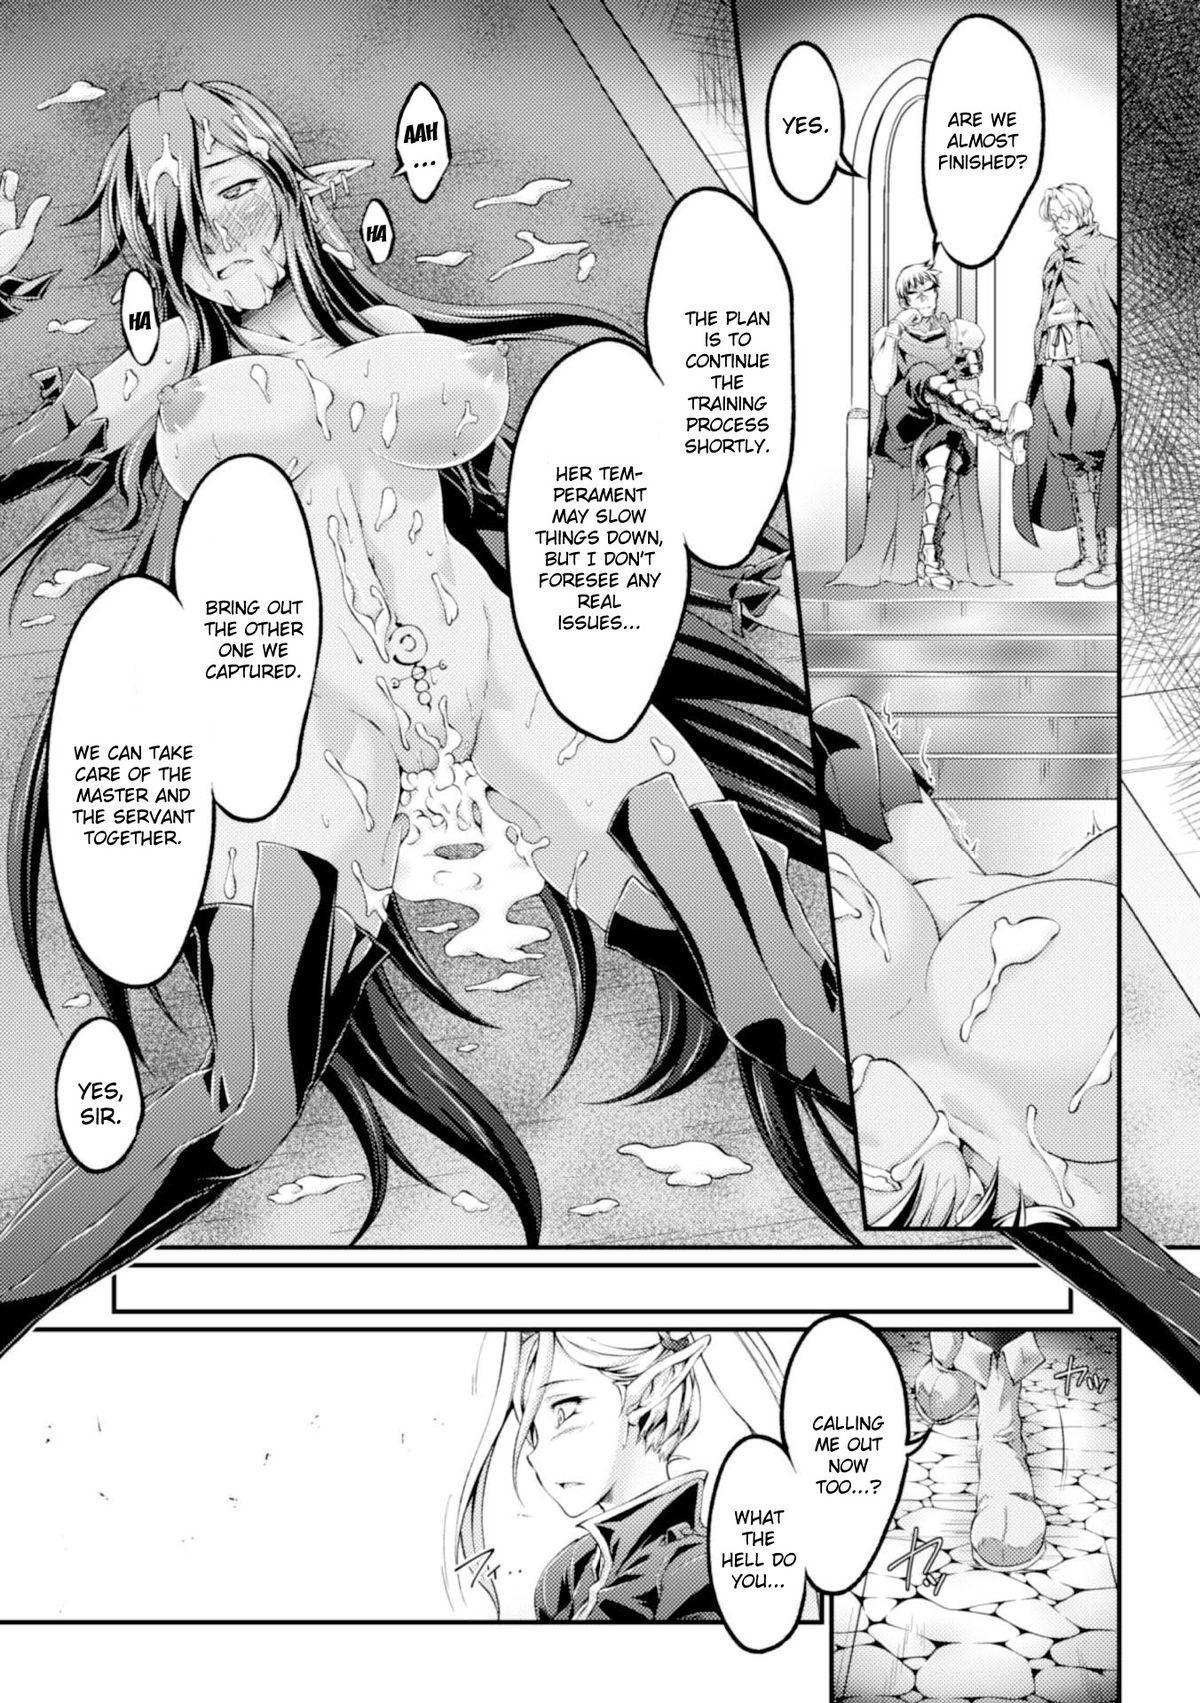 [Ootsuki Wataru] Kuroinu ~Kedakaki Seijo wa Hakudaku ni Somaru~ THE COMIC Chapters 1-5 [English] {Kizlan} [Digital] 18